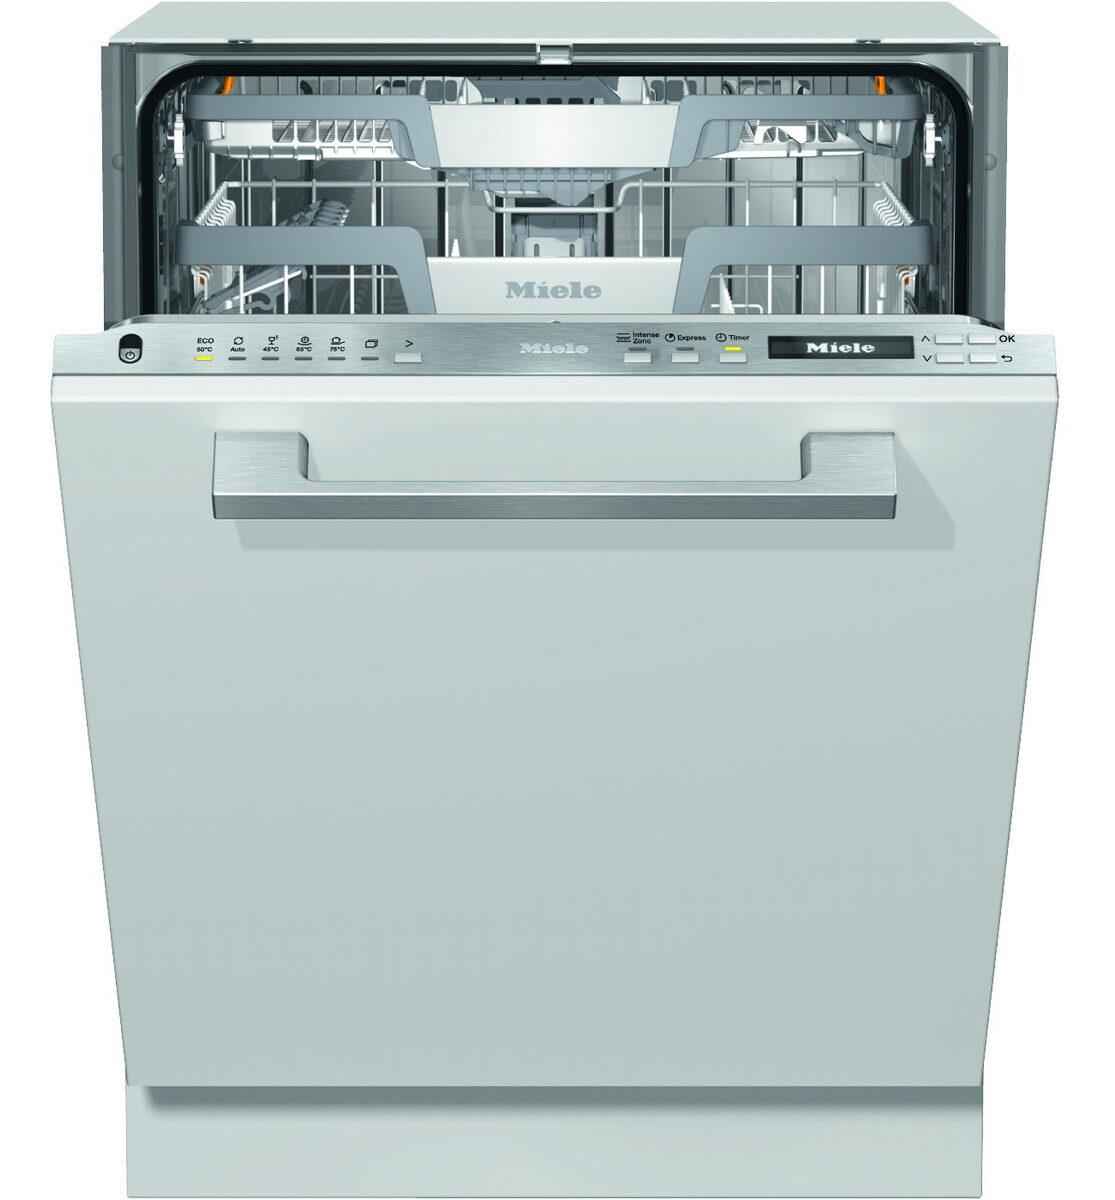 bedste integrerbar opvaskemaskine